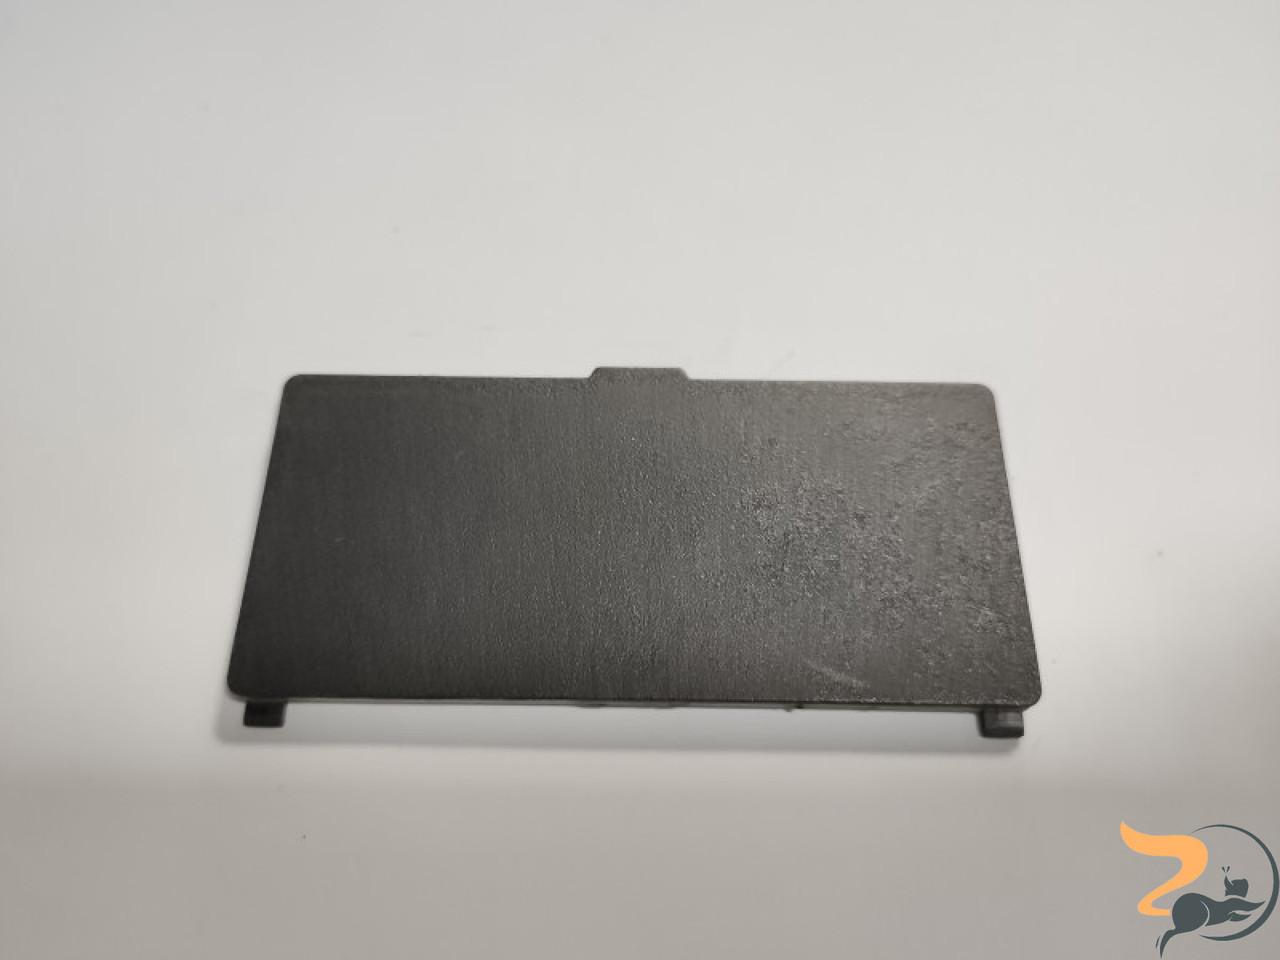 Сервісна кришка для ноутбука Asus N53J, N53JN, 13N0-IMA0C01, Б/В, Зламані три замочки.